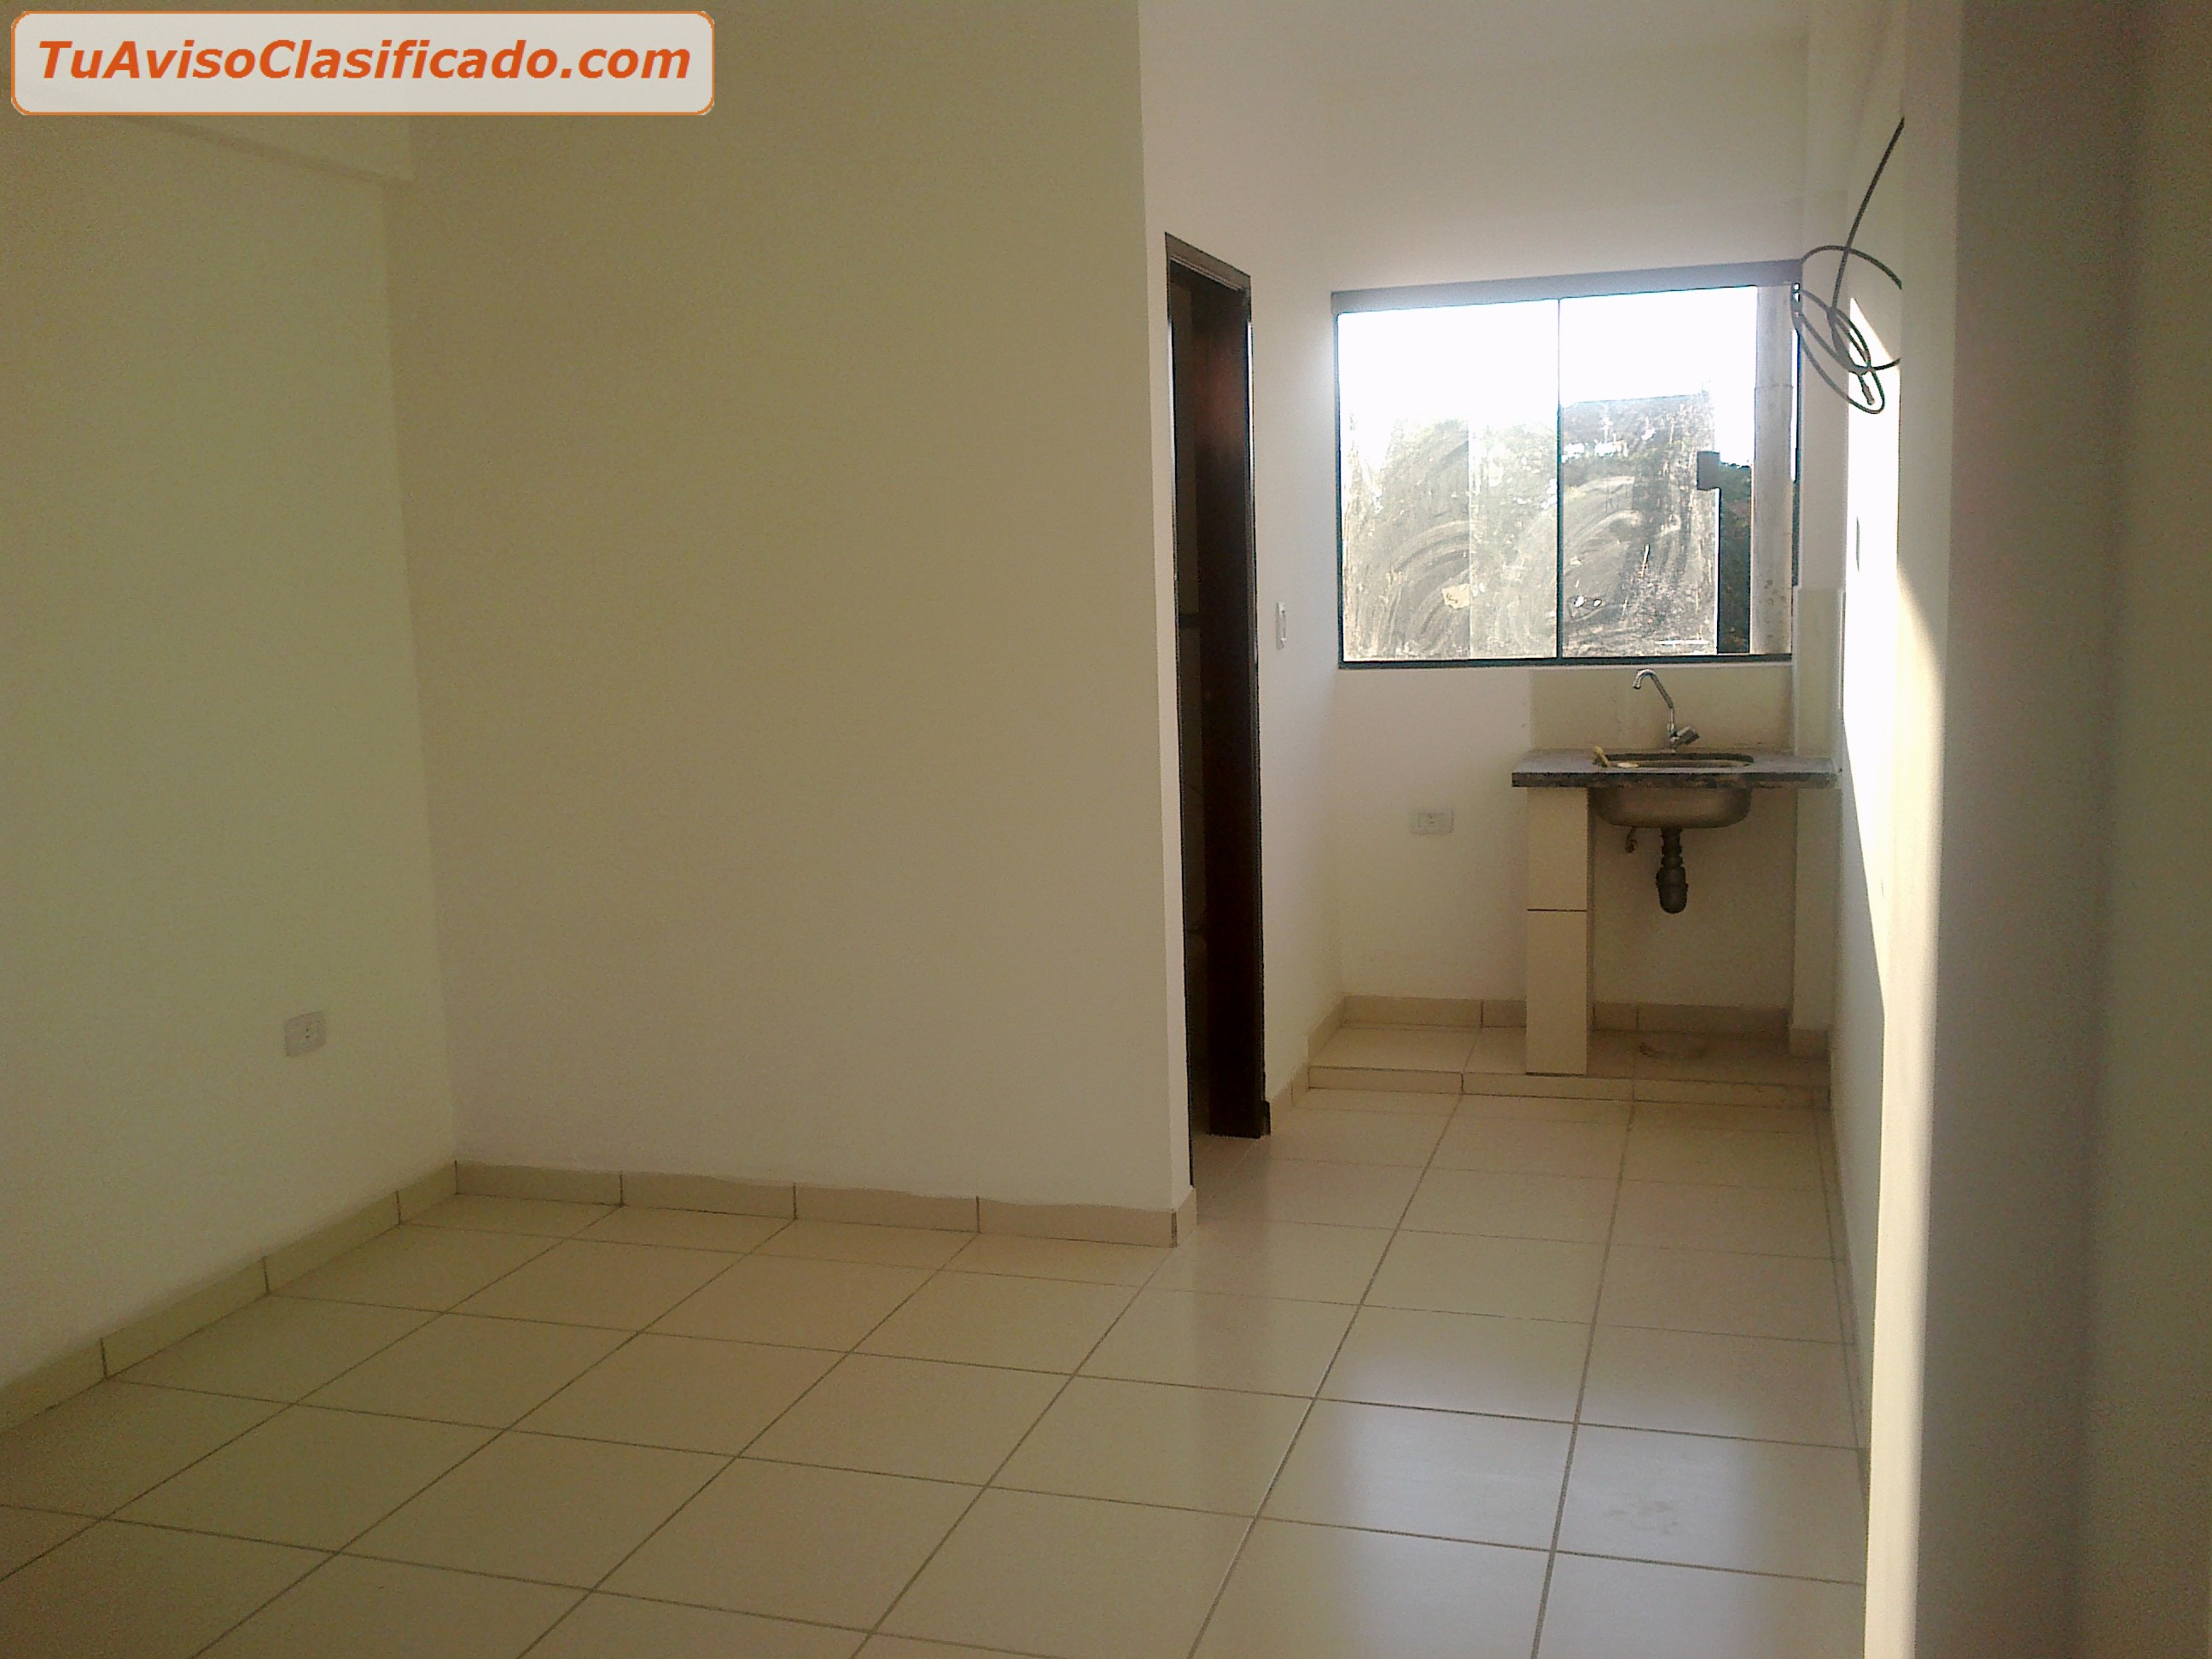 habitacion con ba o privado inmuebles y propiedades